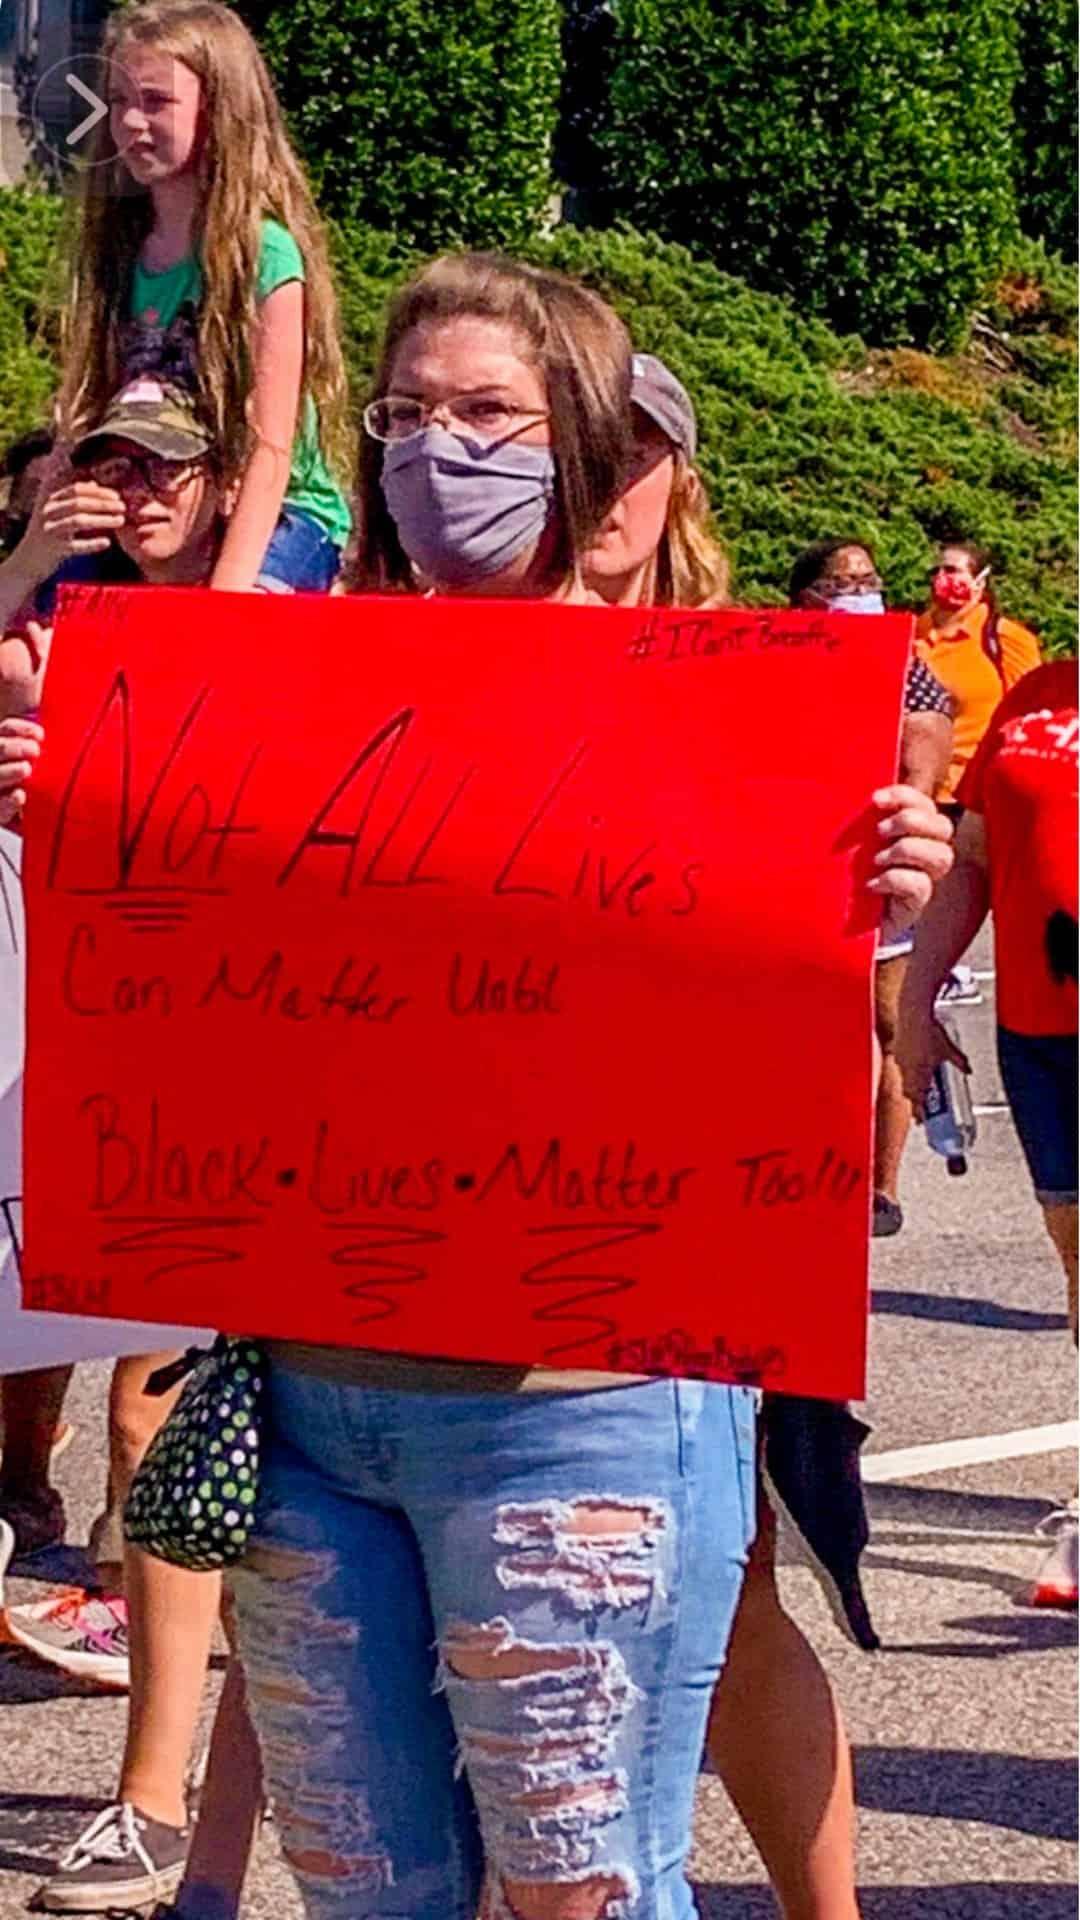 not all lives can matter until Black lives matter protest sign